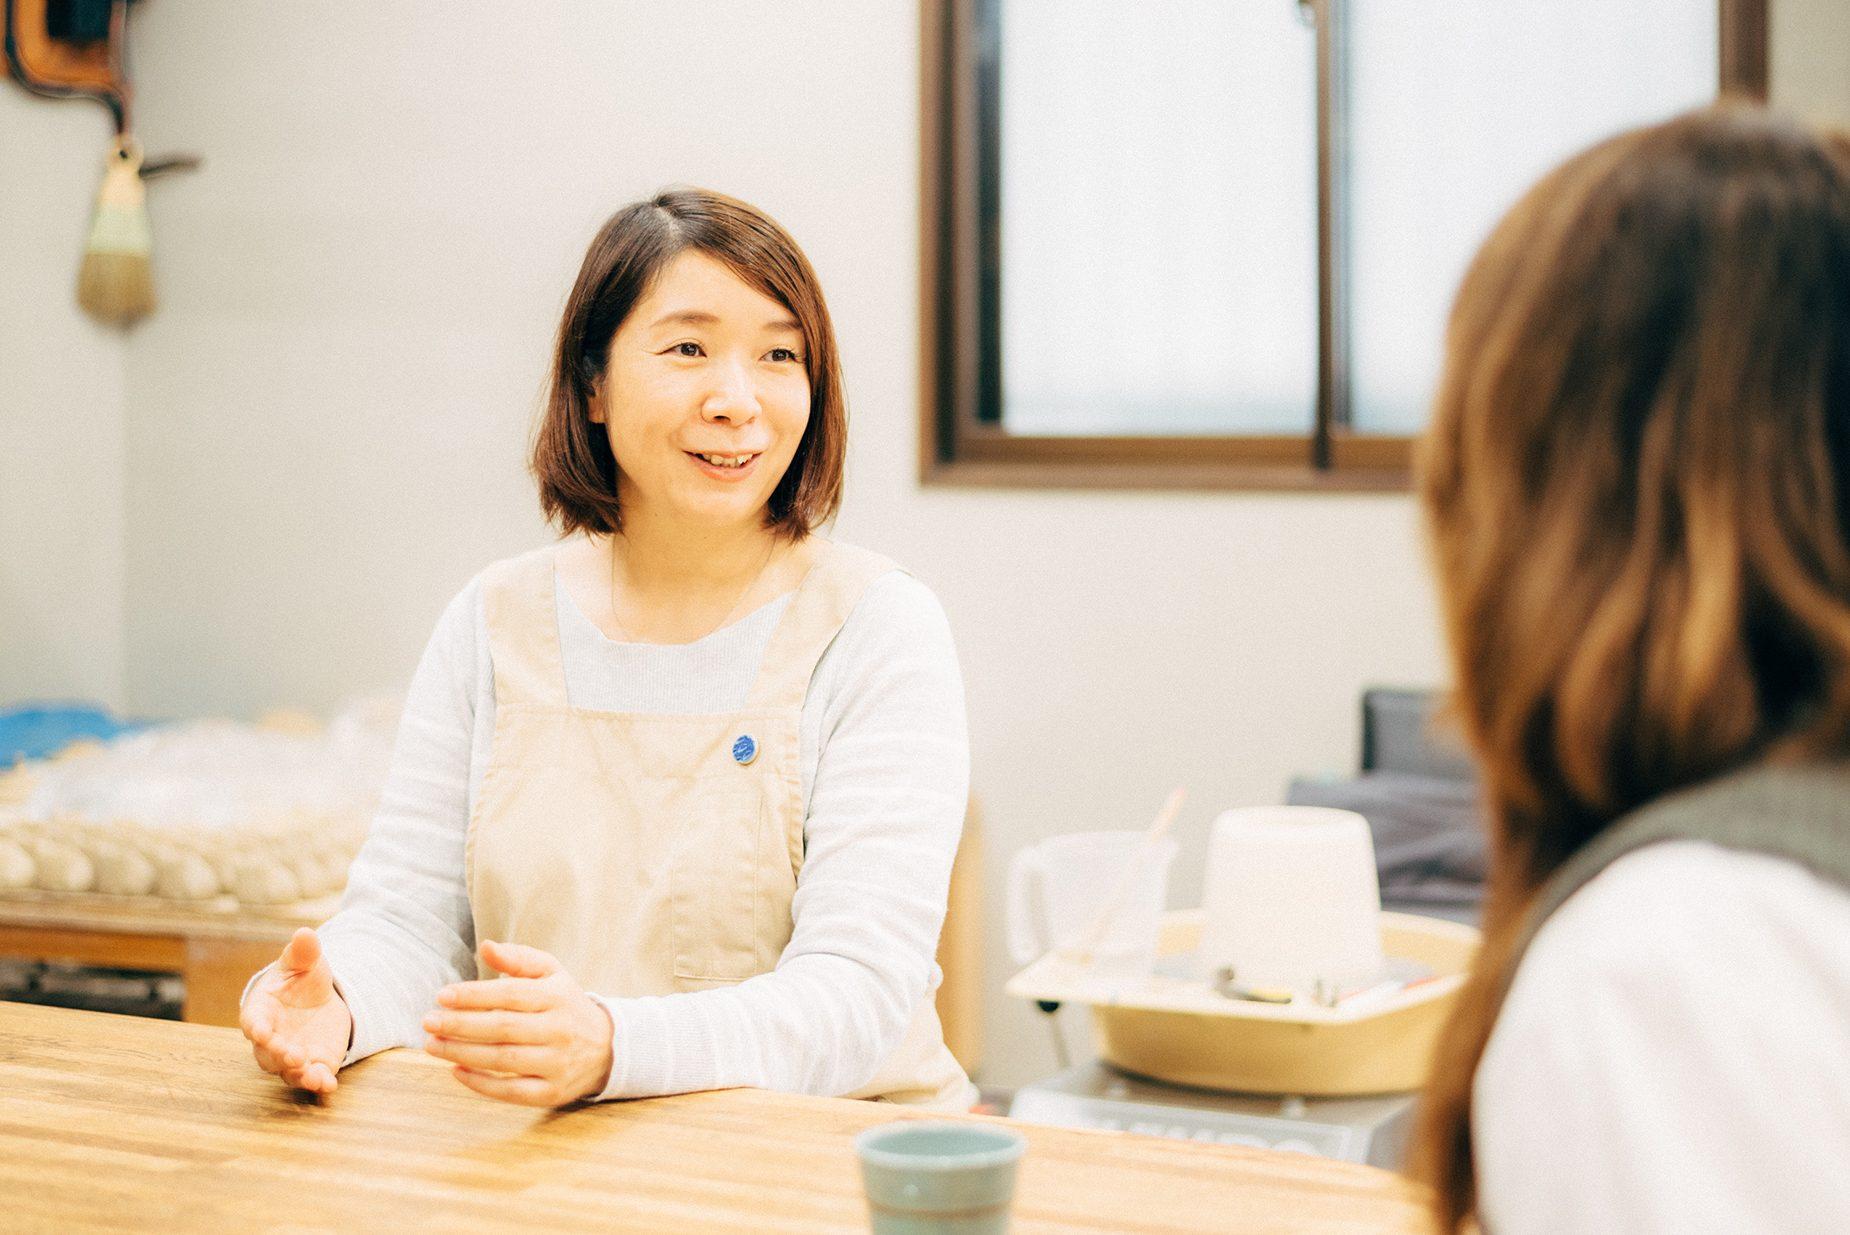 「蘇嶐窯」の陶芸家・涌波まどかさん。蘇嶐窯の器でお茶とお茶請けを出してくれた。